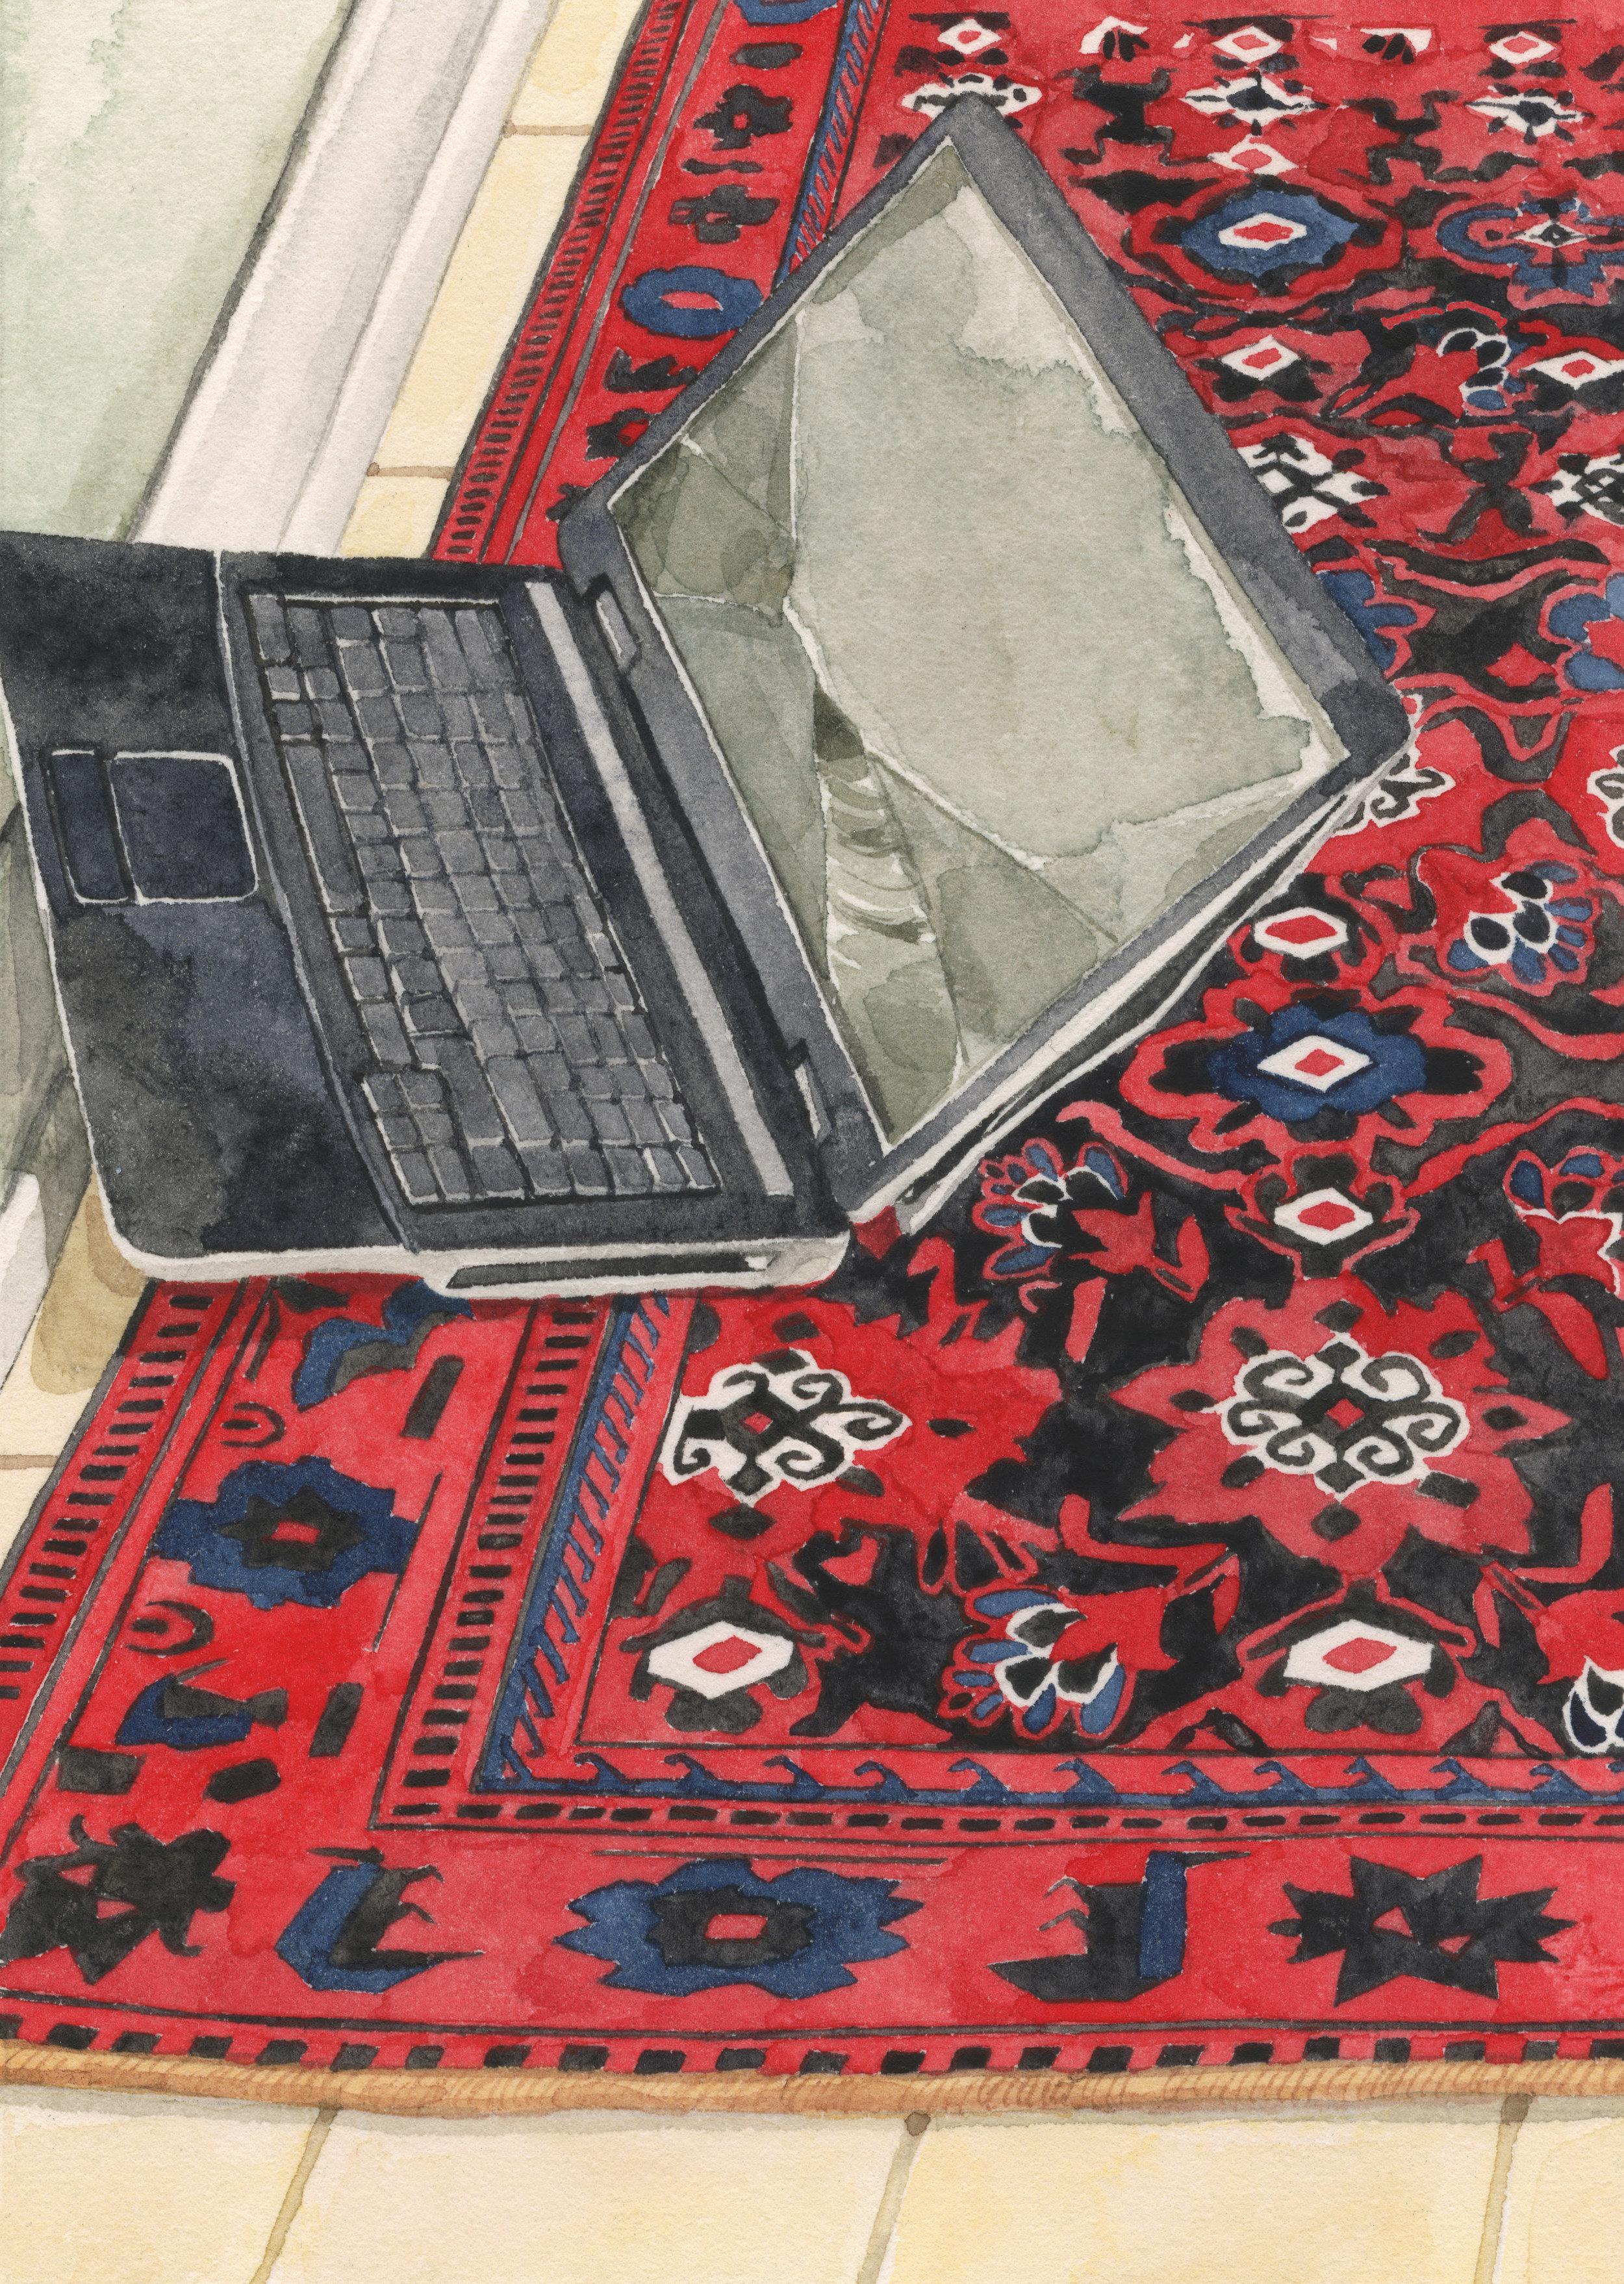 thrown-laptop-web.jpg